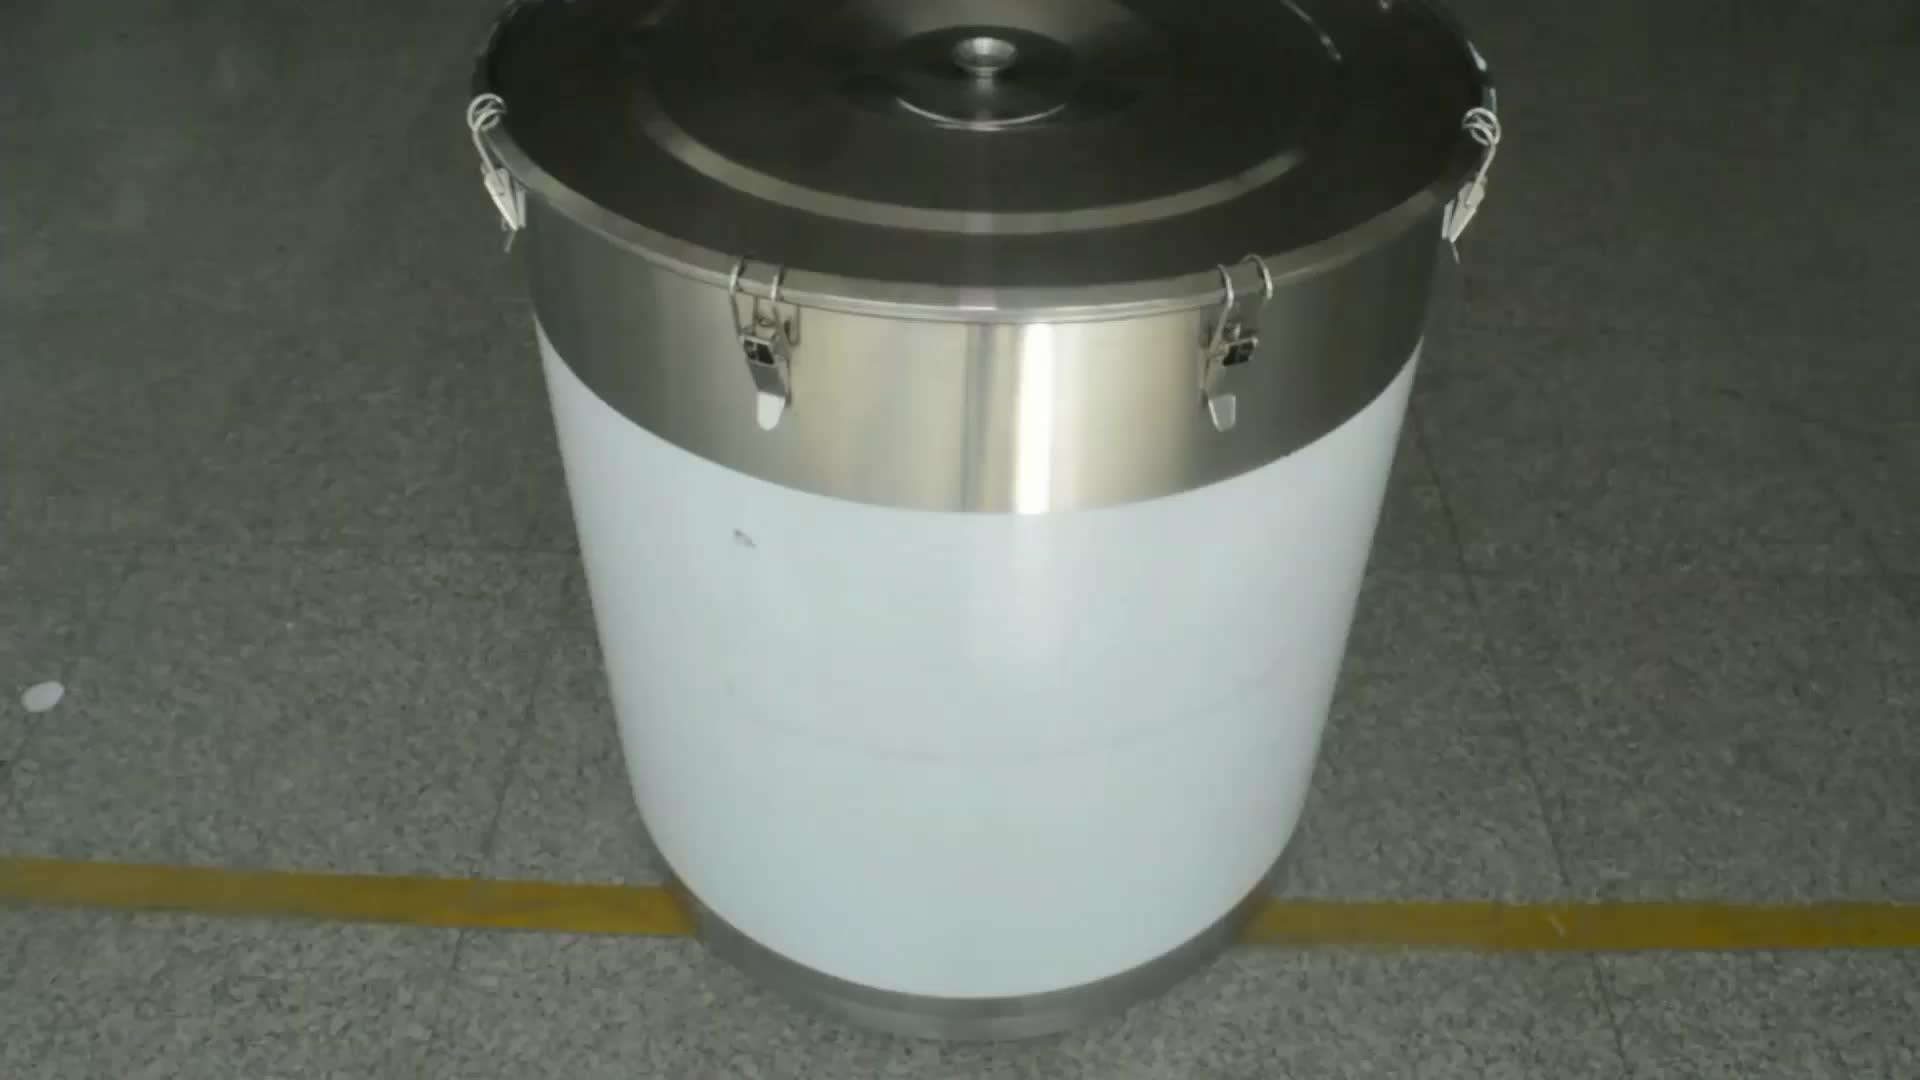 65Gal/250L दूध टैंक, शराब टैंक, गर्म पानी के भंडारण टैंक कारखाना कीमत पर